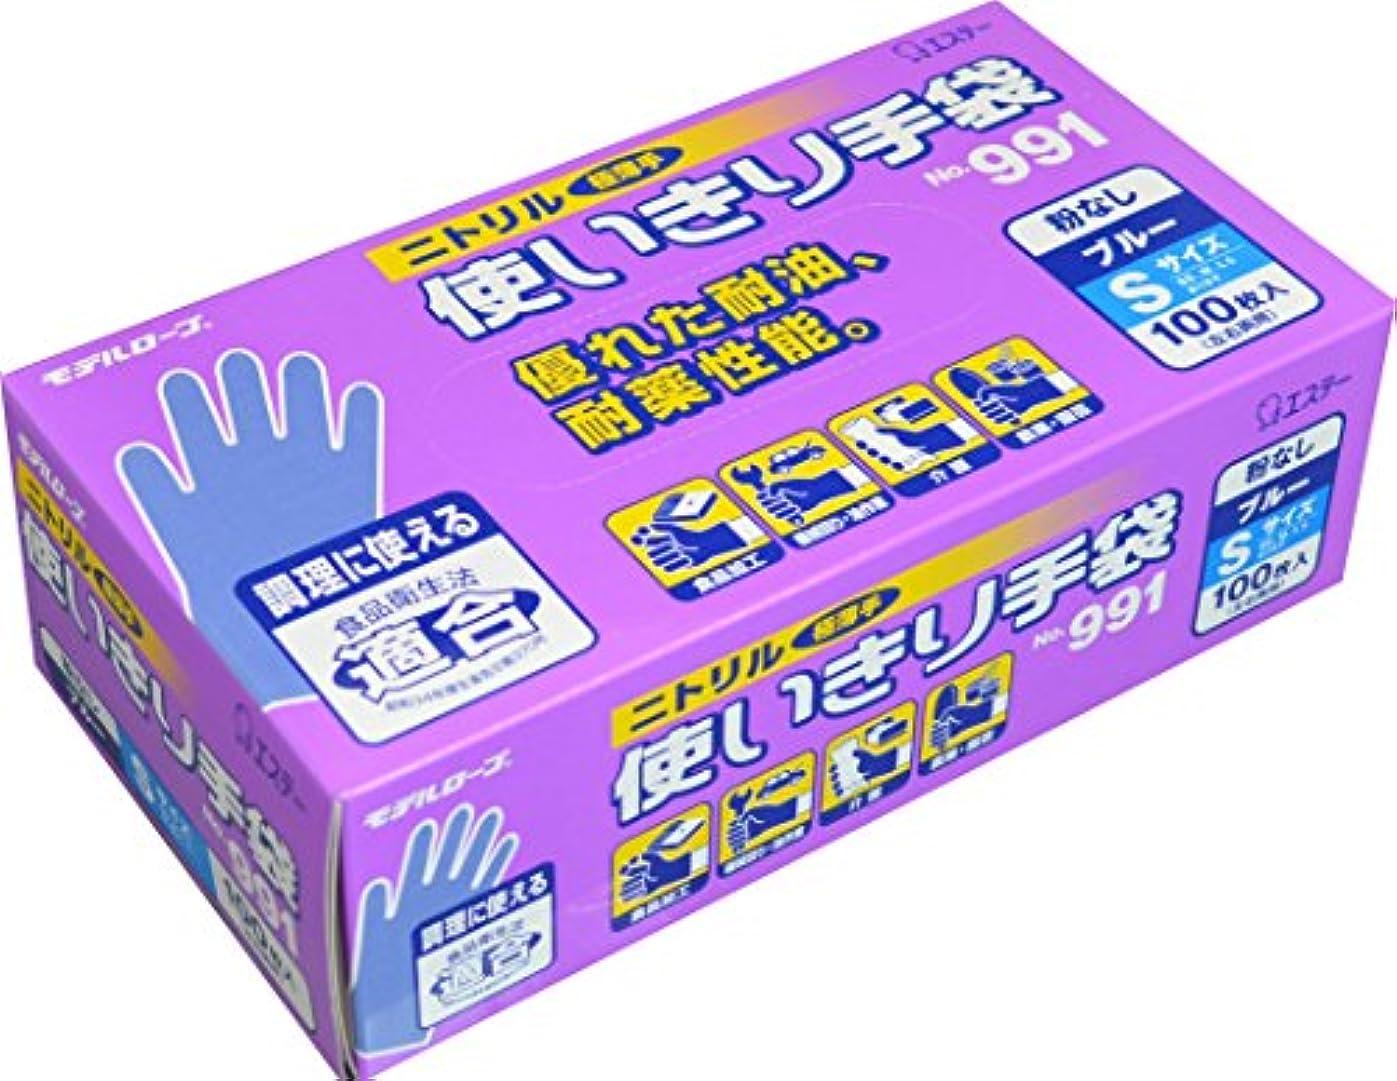 先史時代の鮫興奮モデルローブ NO991 ニトリル使い切り手袋 100枚 ブルー S